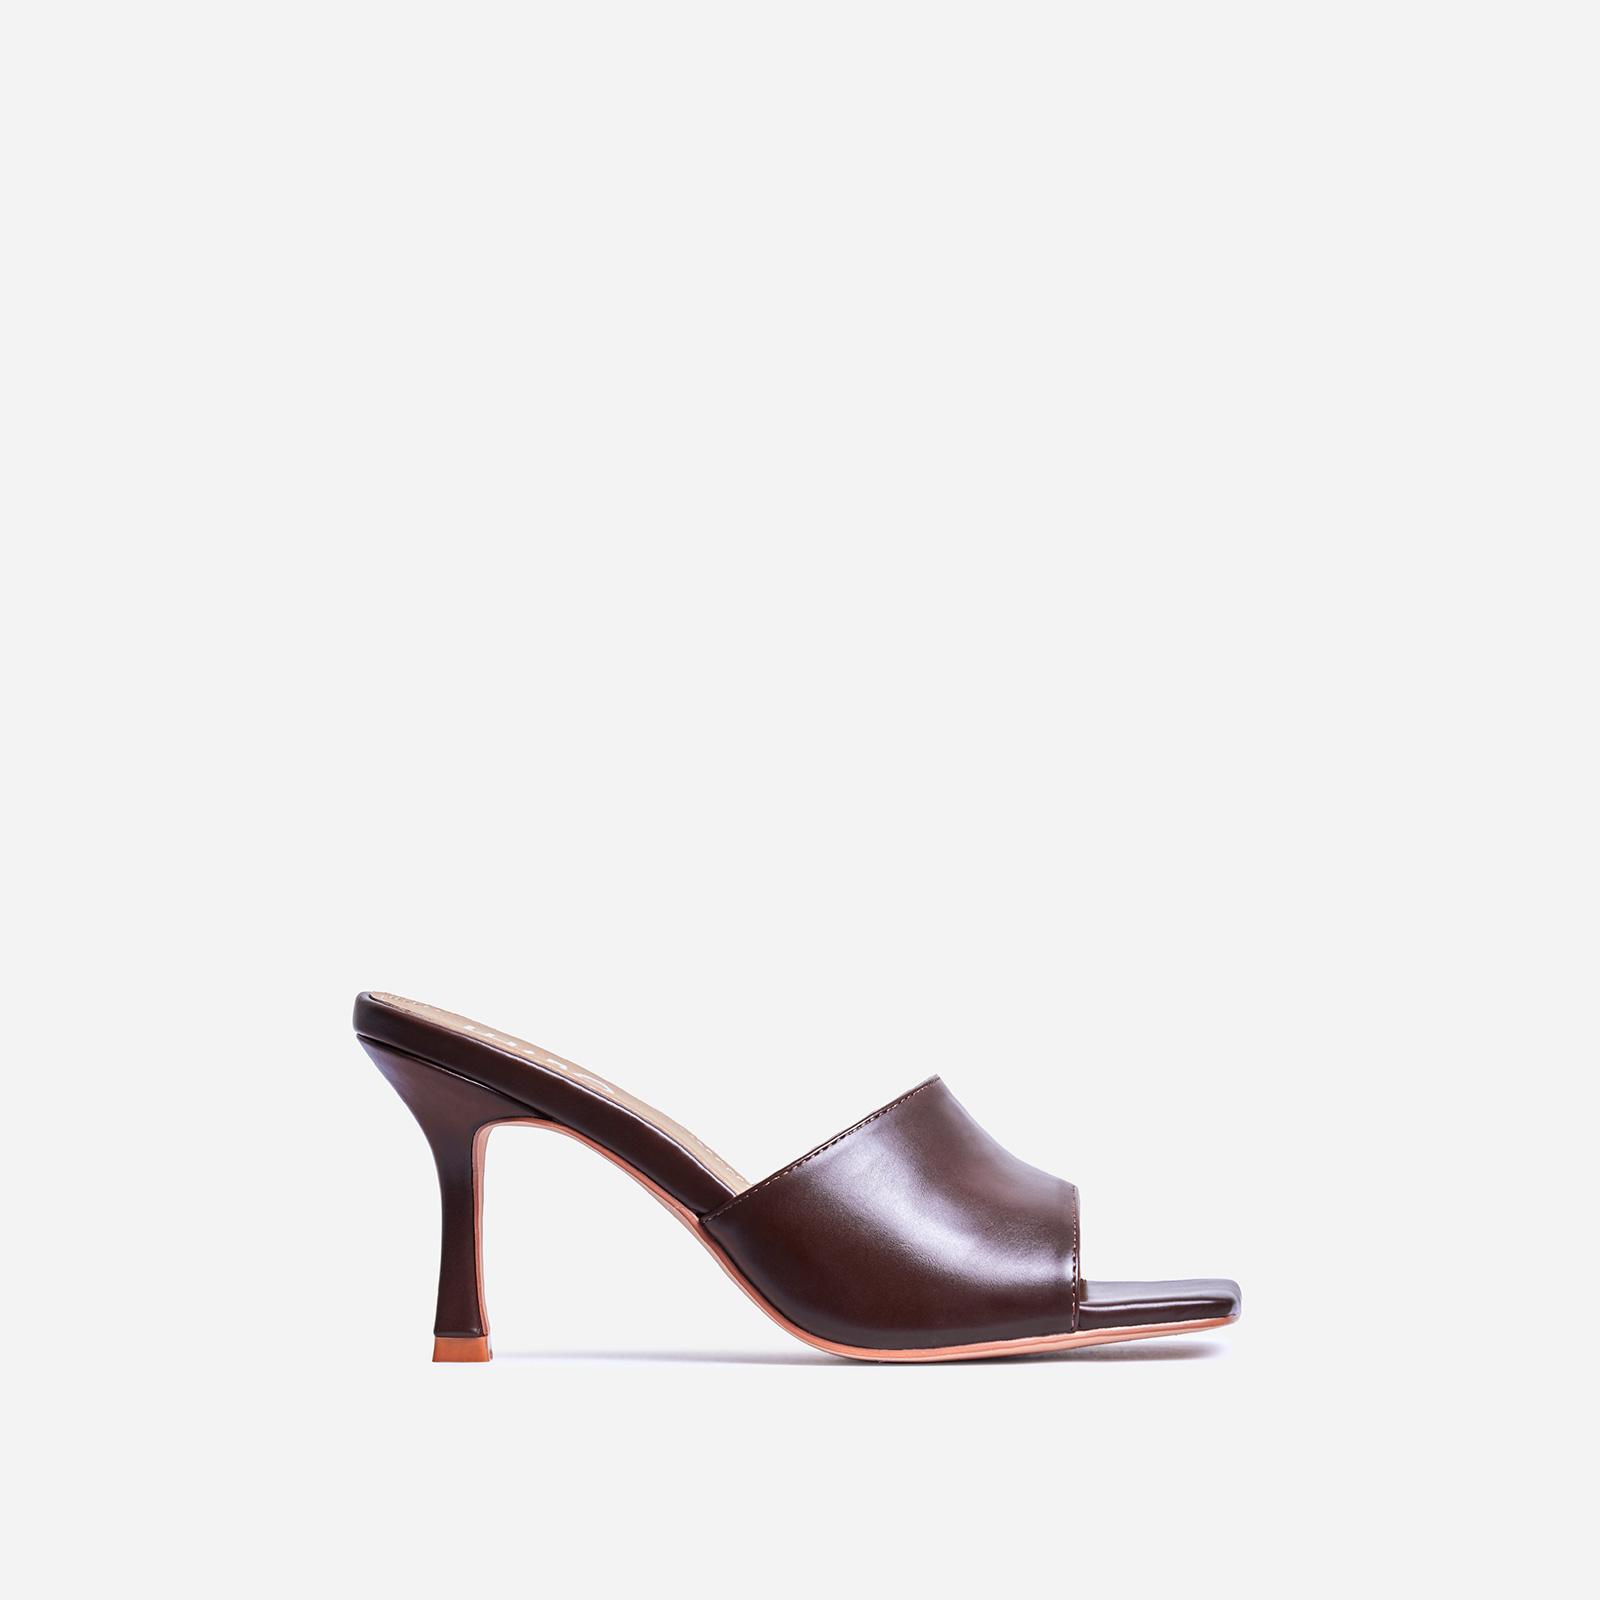 Hilton Square Peep Toe Kitten Heel Mule In Brown Faux Leather